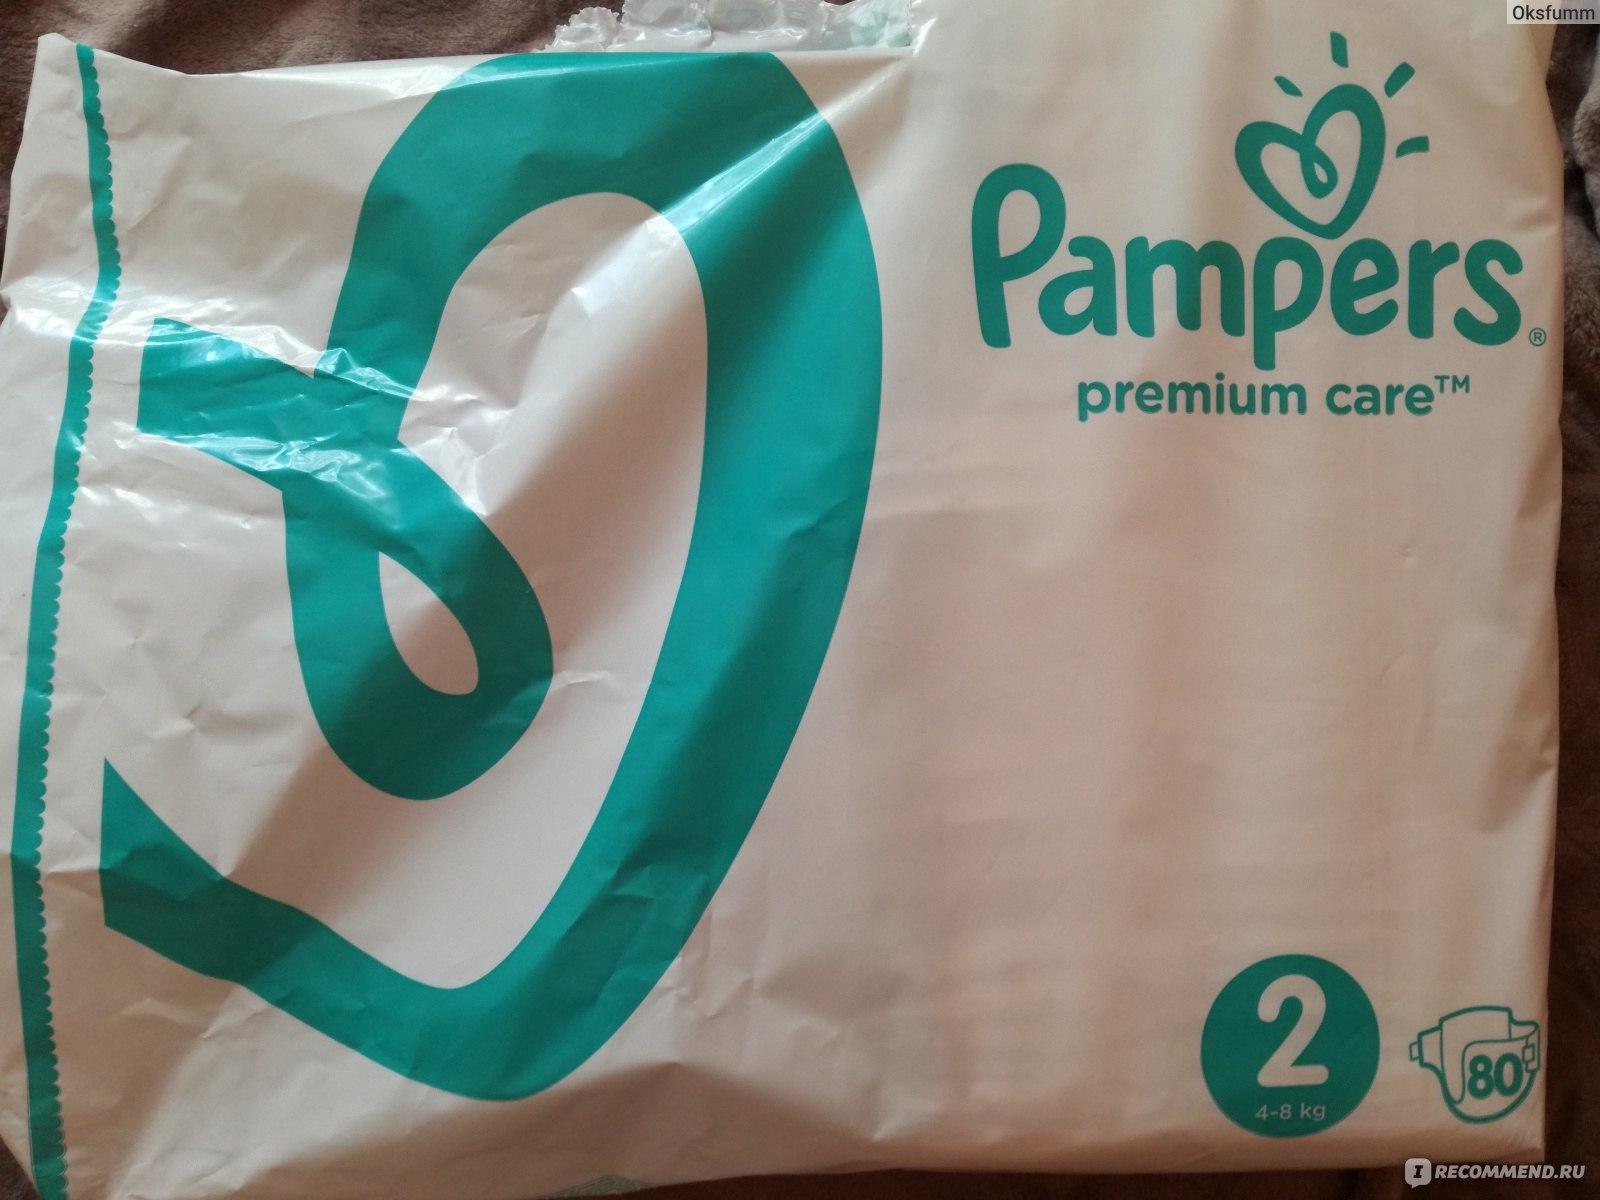 ab96040e6c36 Подгузники Pampers Premium Care - «Premium Care 2 (4-8 кг) 160 шт ...